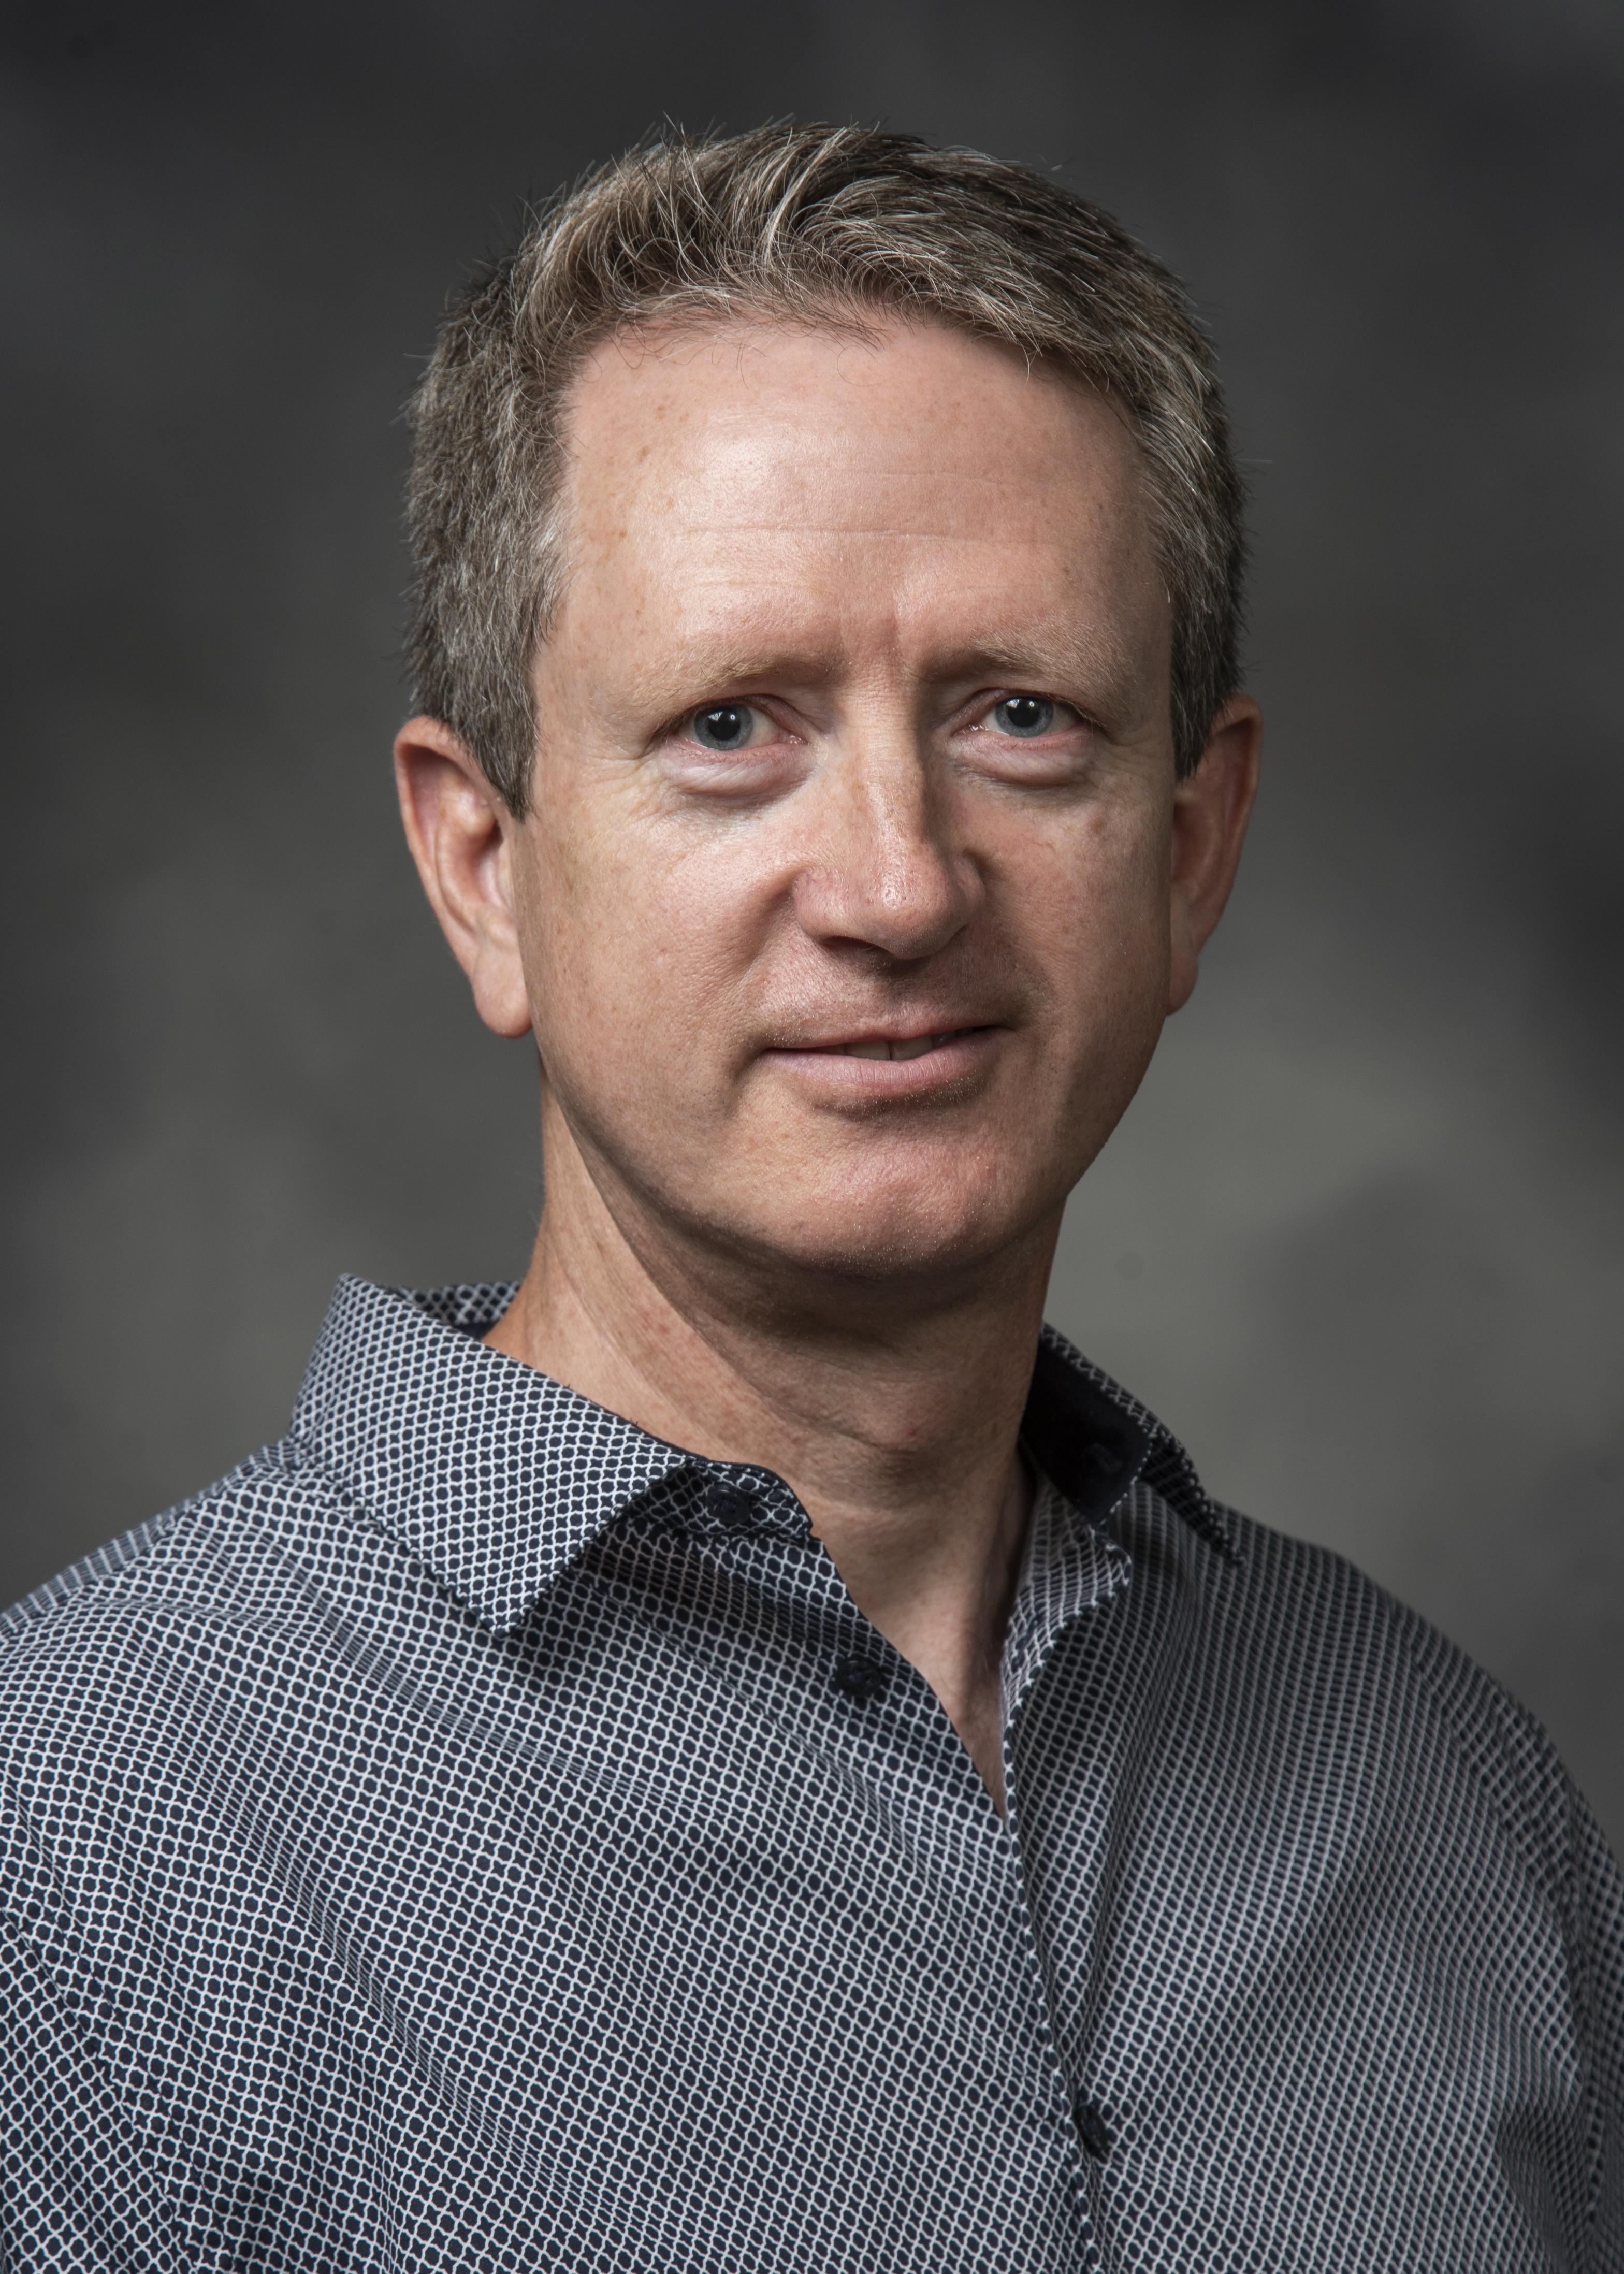 Gideon Burton